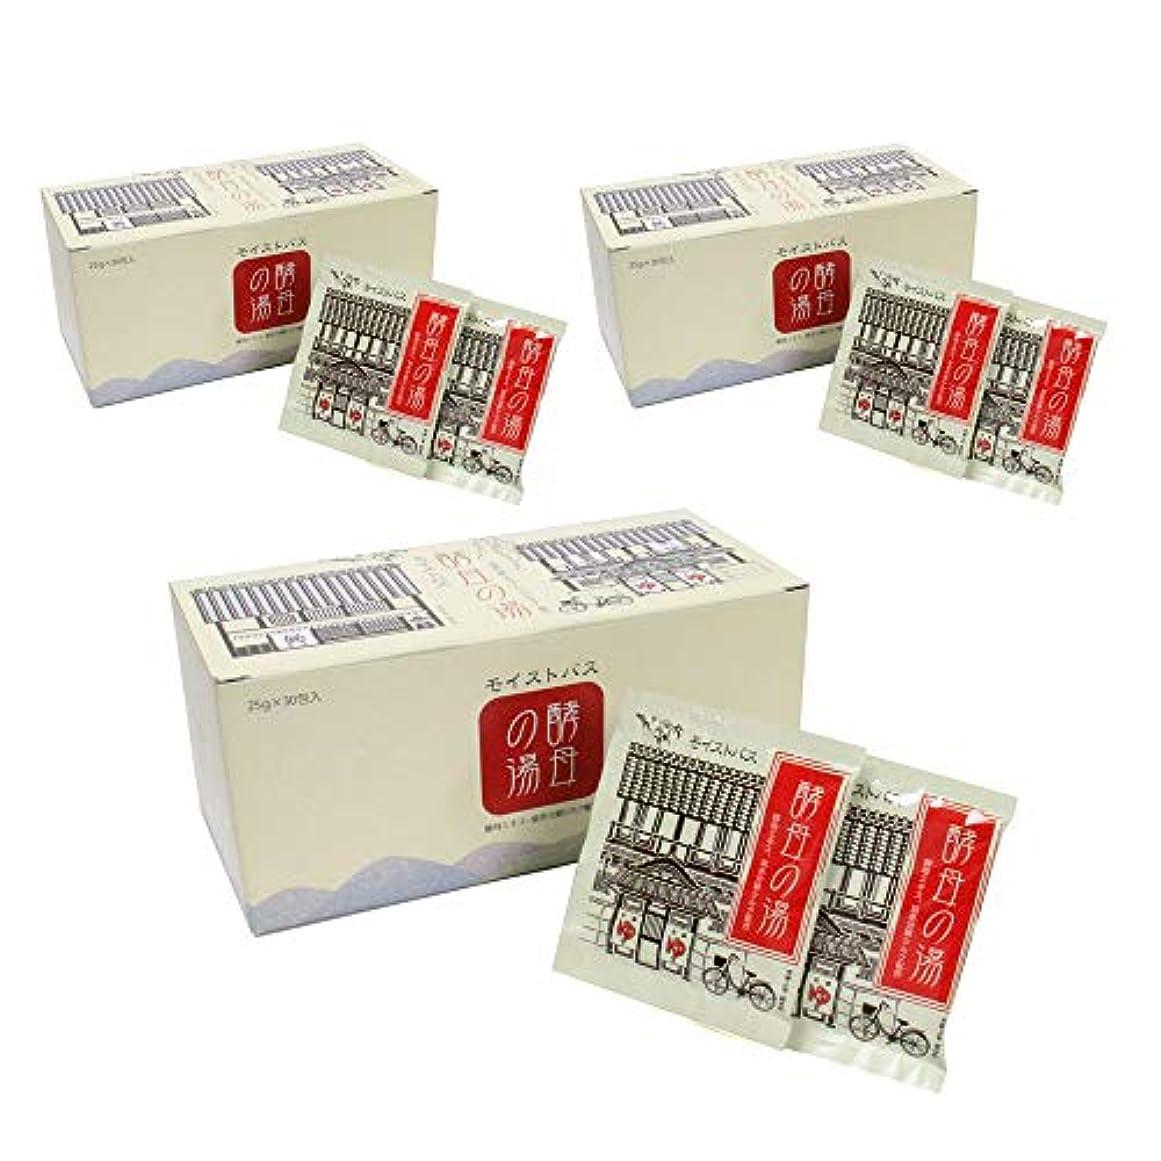 子謙虚な所有権アミノン モイストバス 酵母の湯 25g×30包 (3箱セット)